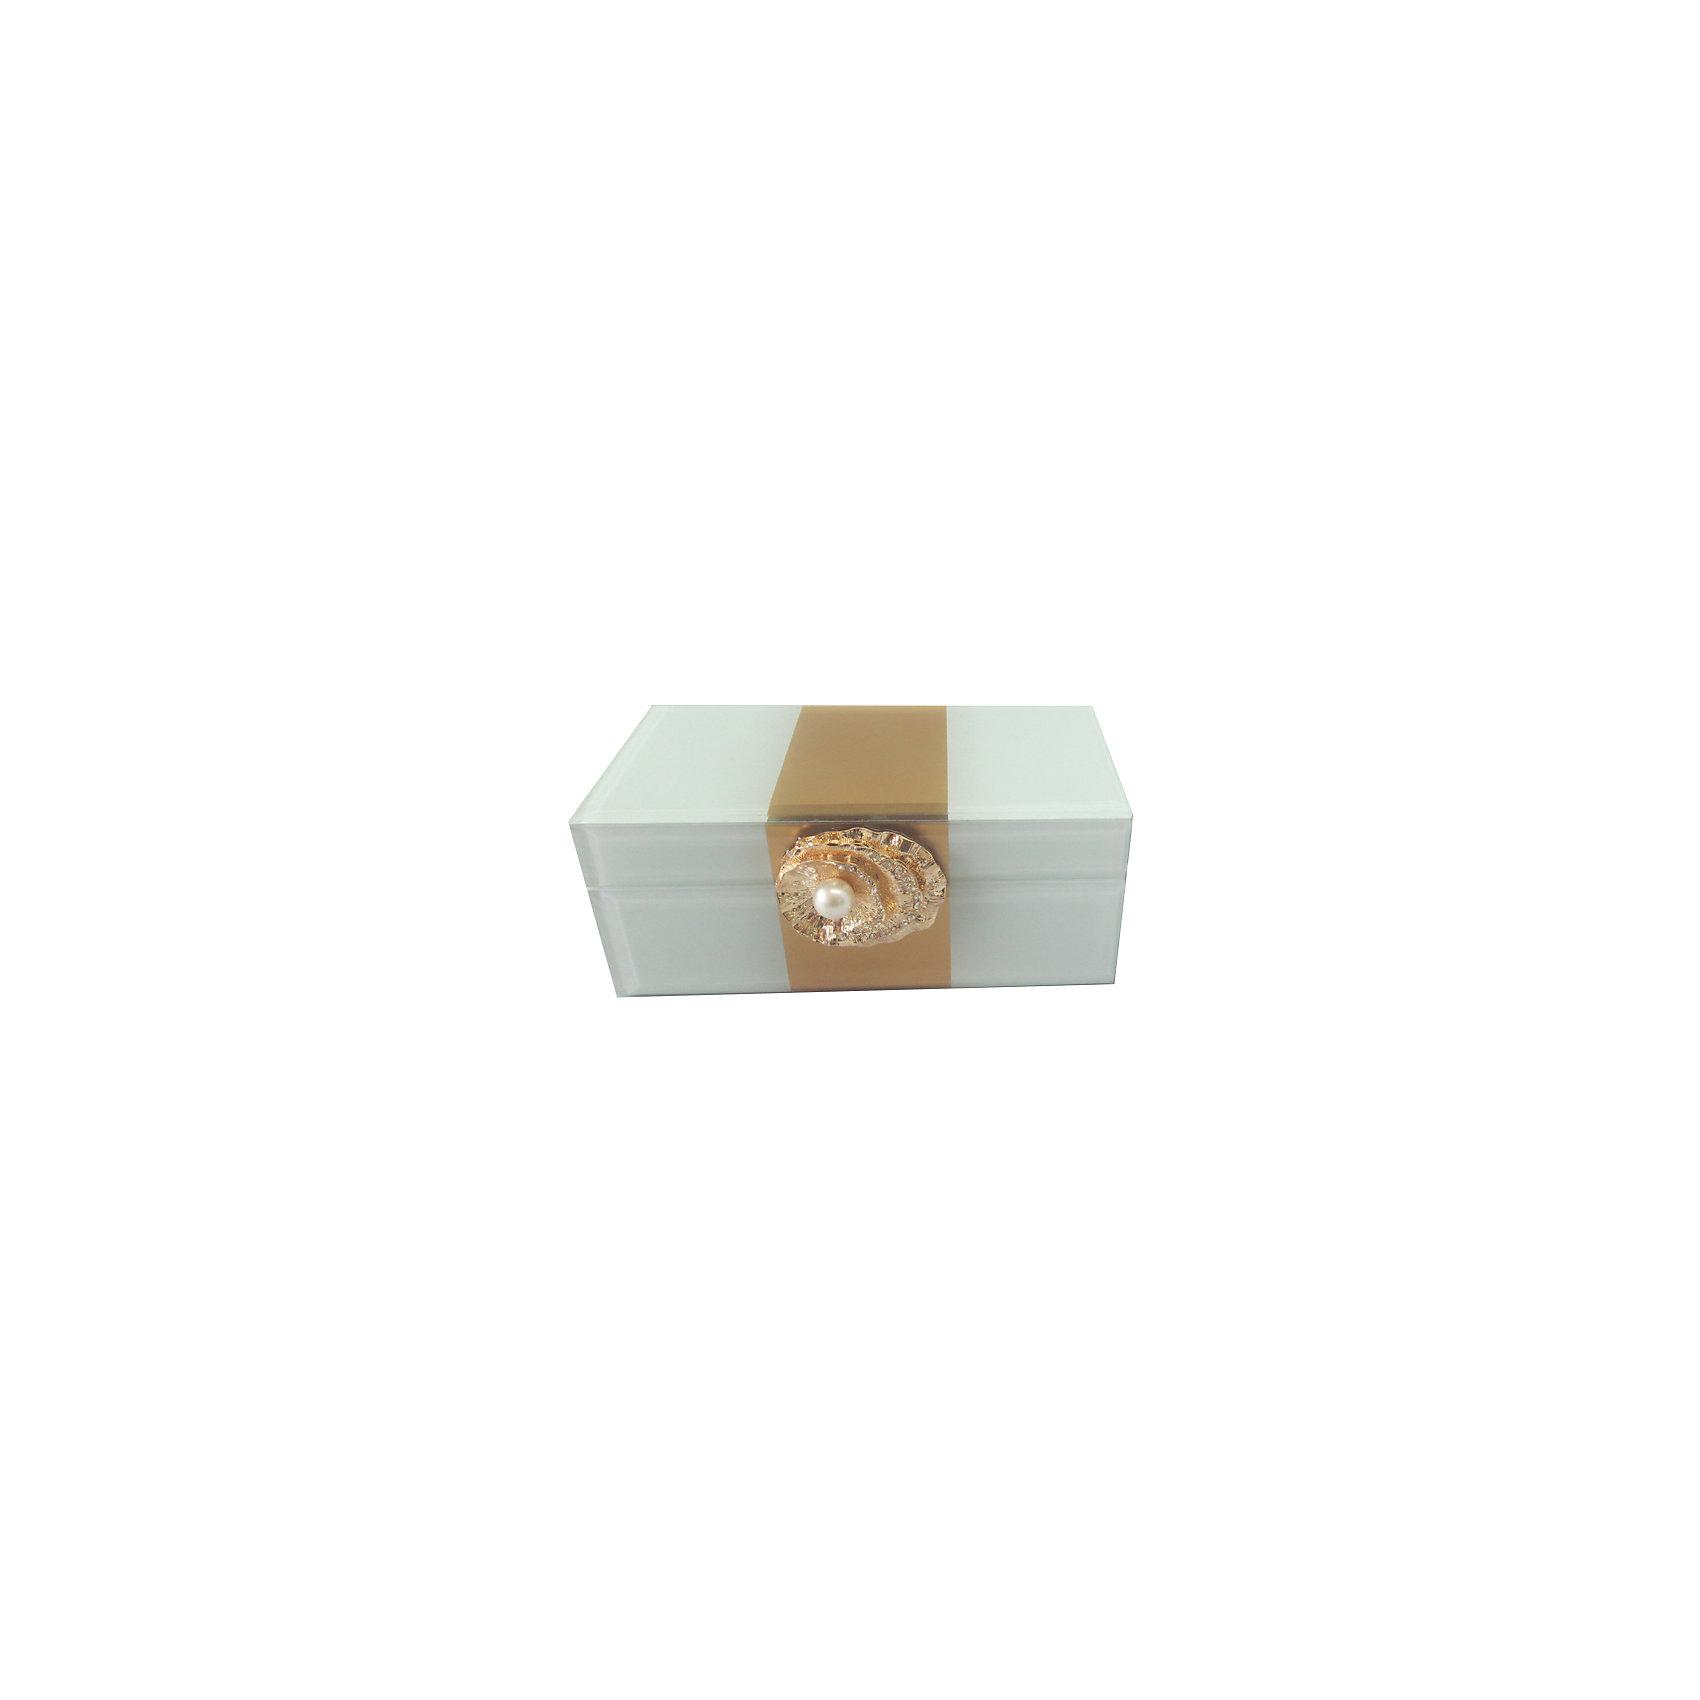 Шкатулка Жемчужина из стекла для мелочей, Феникс-ПрезентПредметы интерьера<br>Шкатулка Жемчужина из стекла для мелочей, Феникс-Презент<br><br>Характеристики:<br><br>• расцветка под жемчуг<br>• размер: 15,5х7,5х6,5 см<br>• материал: стекло<br><br>Шкатулка Жемчужина надежно сохранит ваши вещи и украсит интерьер комнаты. Шкатулка изготовлена из стекла. Лицевая часть украшена декоративной ракушкой с жемчужиной. Приятная расцветка шкатулки замечательно впишется в любой интерьер.<br><br>Шкатулку Жемчужина из стекла для мелочей, Феникс-Презент можно купить в нашем интернет-магазине.<br><br>Ширина мм: 155<br>Глубина мм: 75<br>Высота мм: 65<br>Вес г: 438<br>Возраст от месяцев: 60<br>Возраст до месяцев: 2147483647<br>Пол: Унисекс<br>Возраст: Детский<br>SKU: 5449773